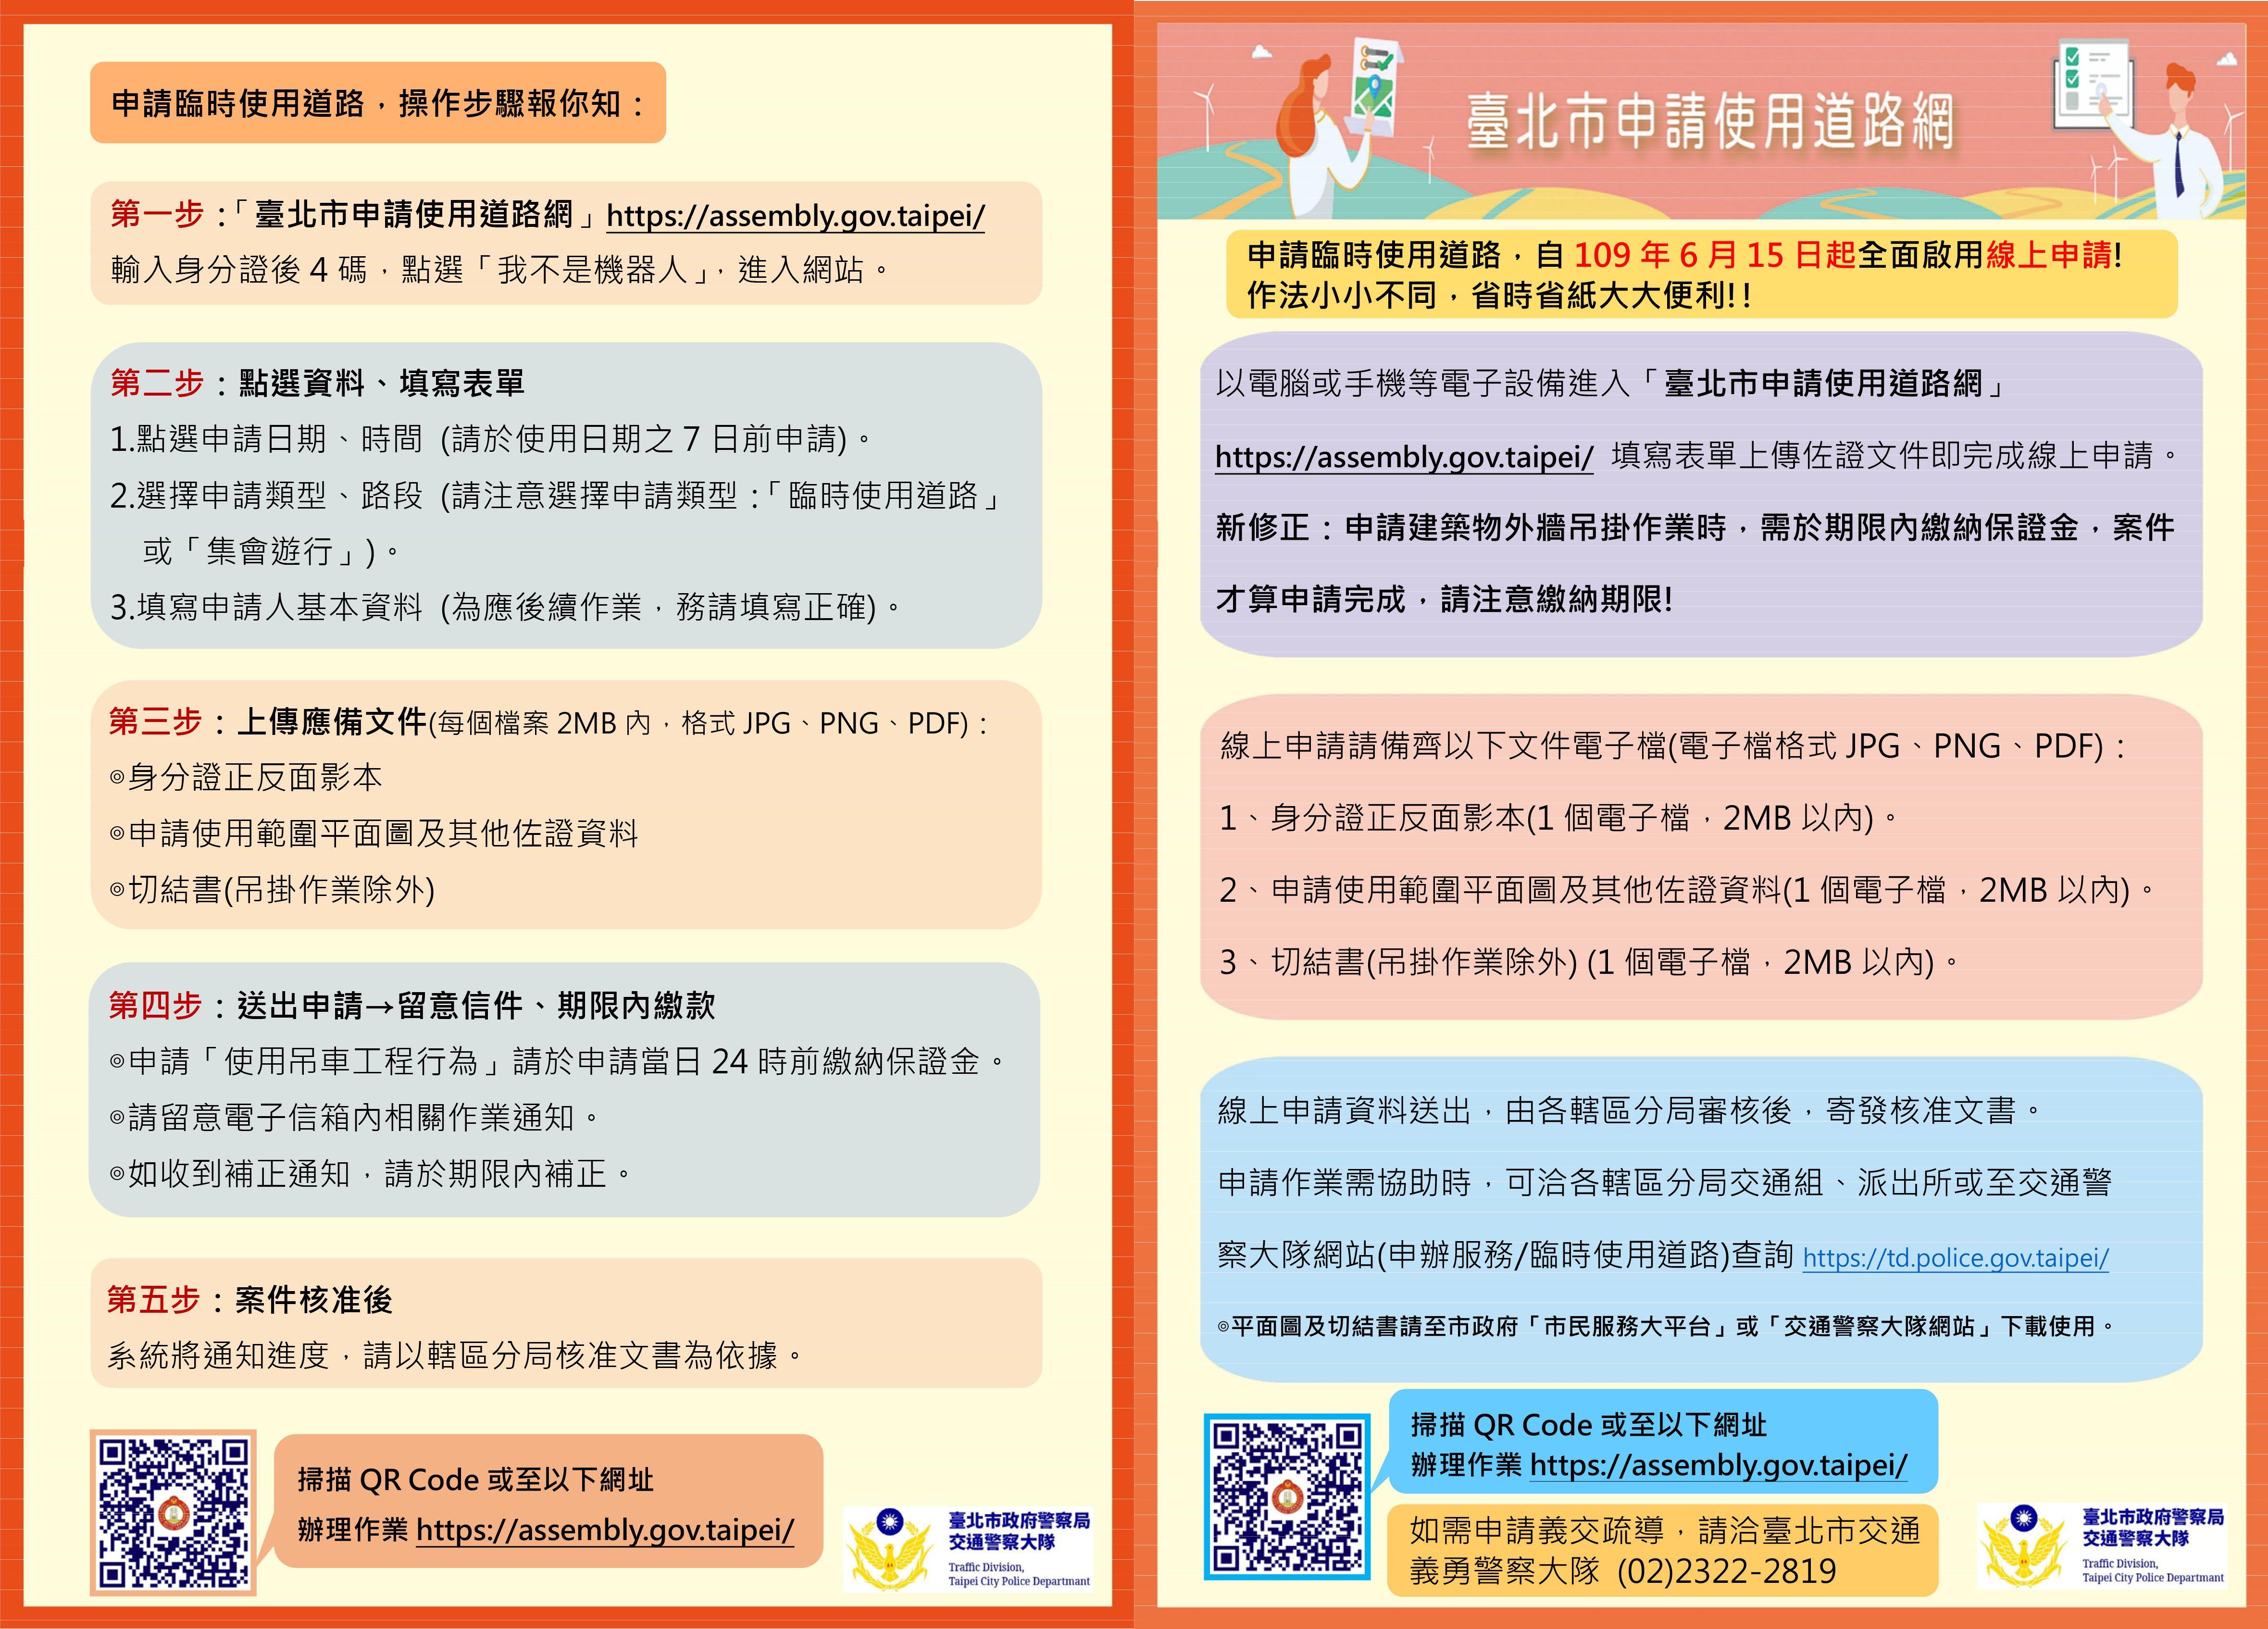 臺北市政府警察局核准使用道路作業要點